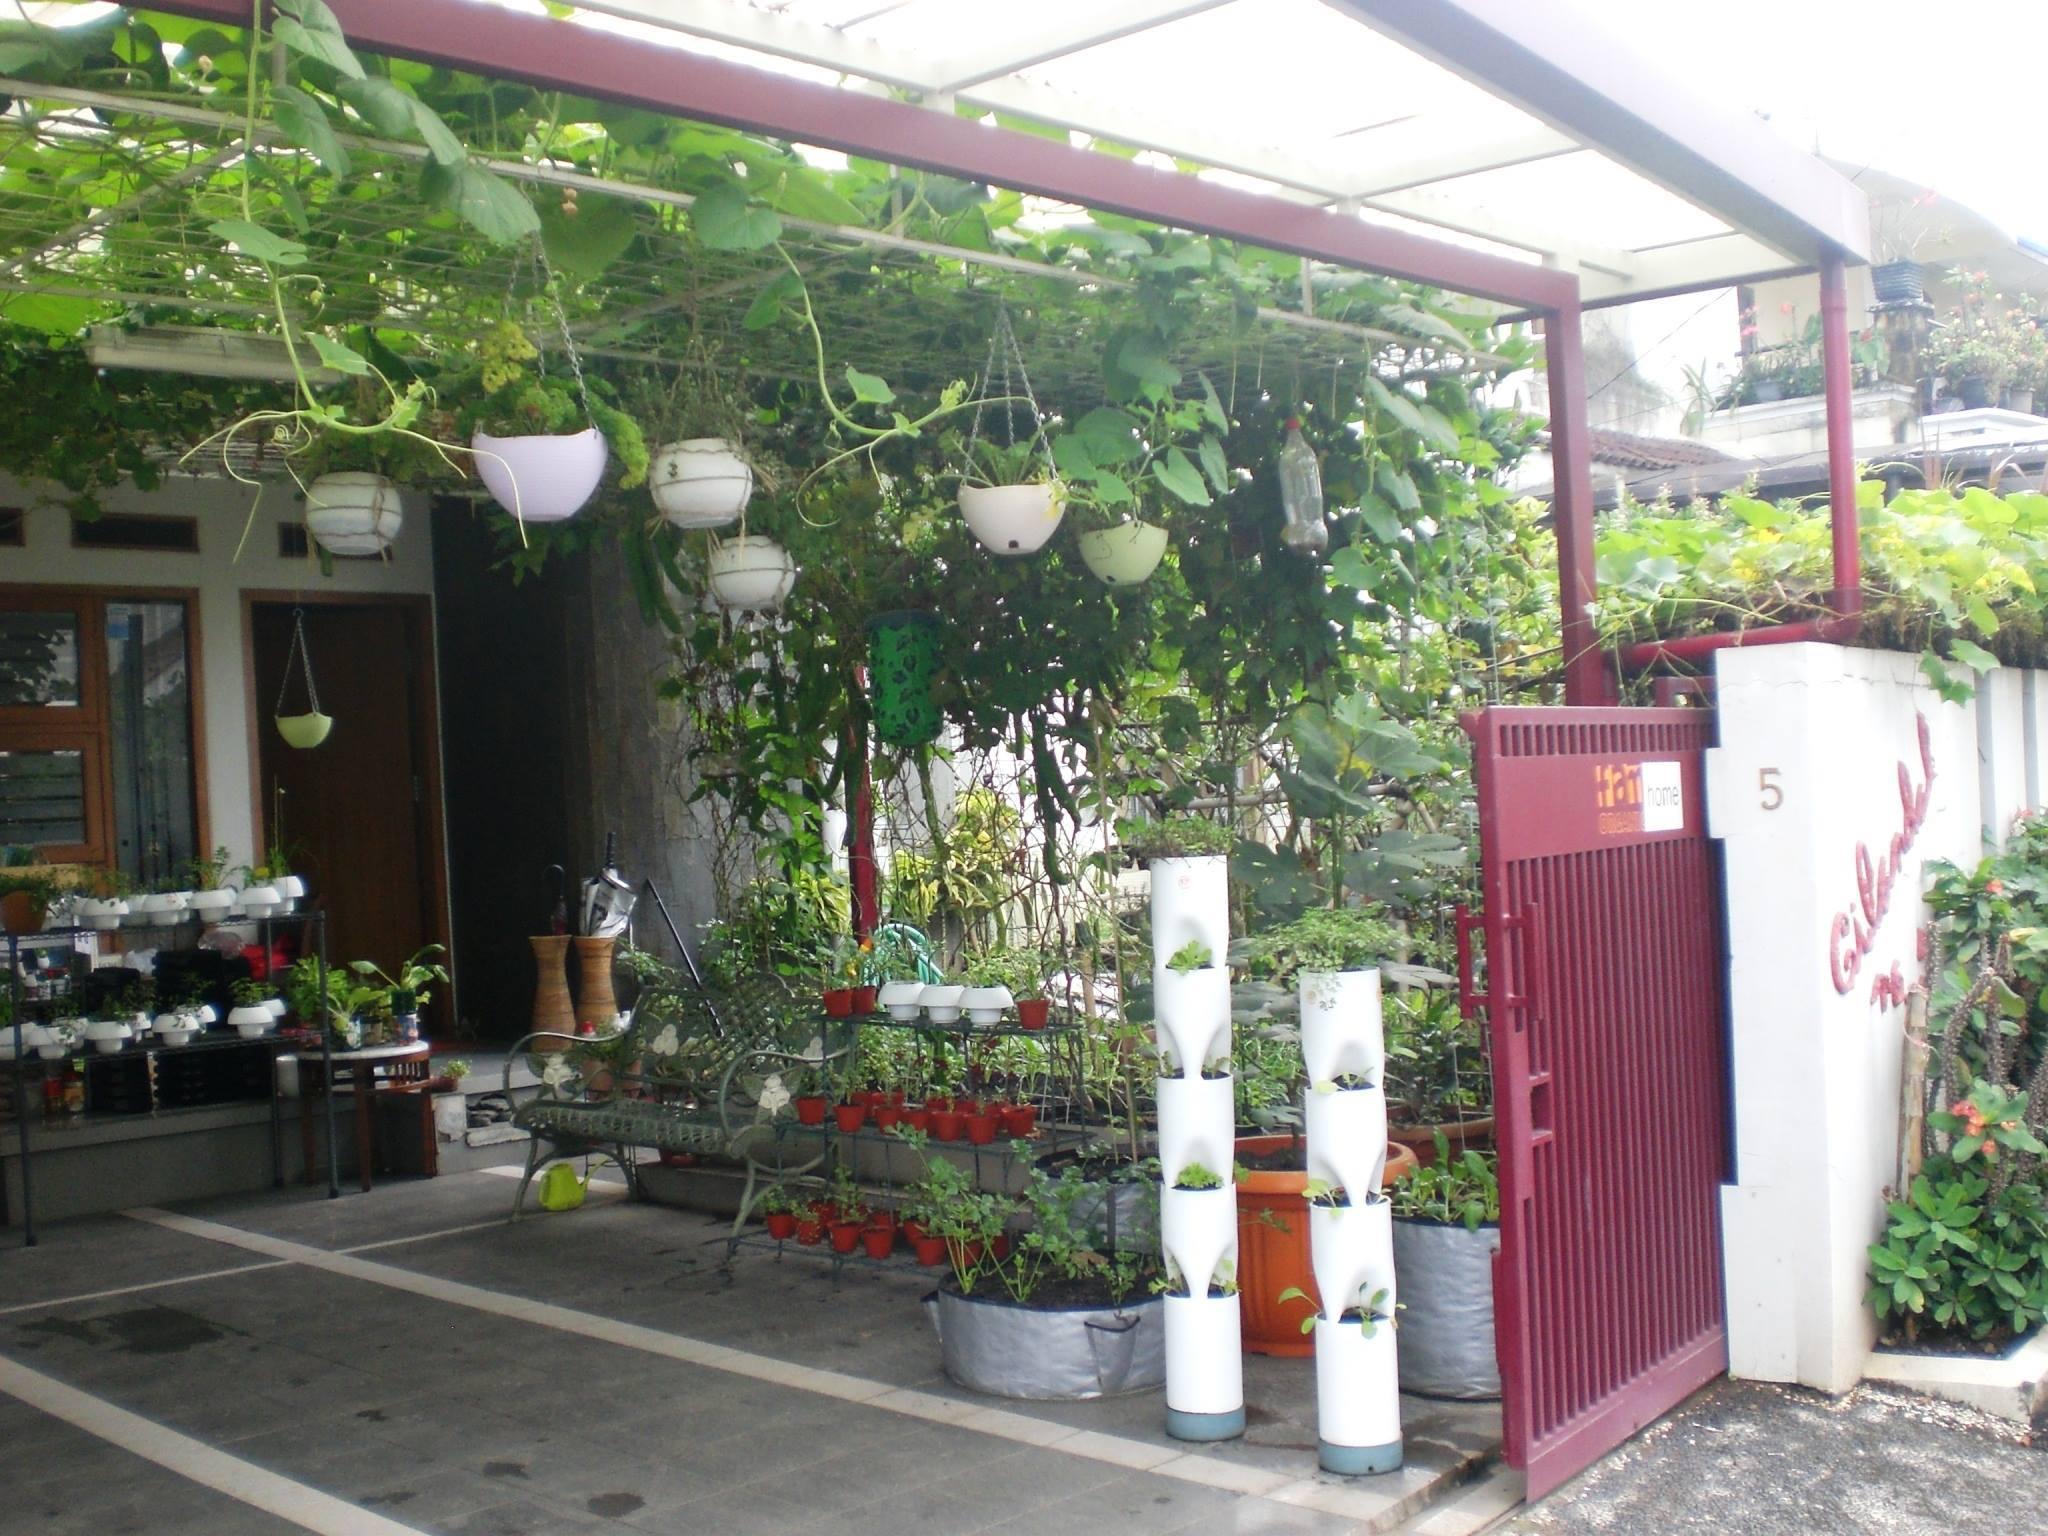 Hasil gambar untuk 5 Obat Herbal Yang Bisa Tumbuh di Balkon Anda